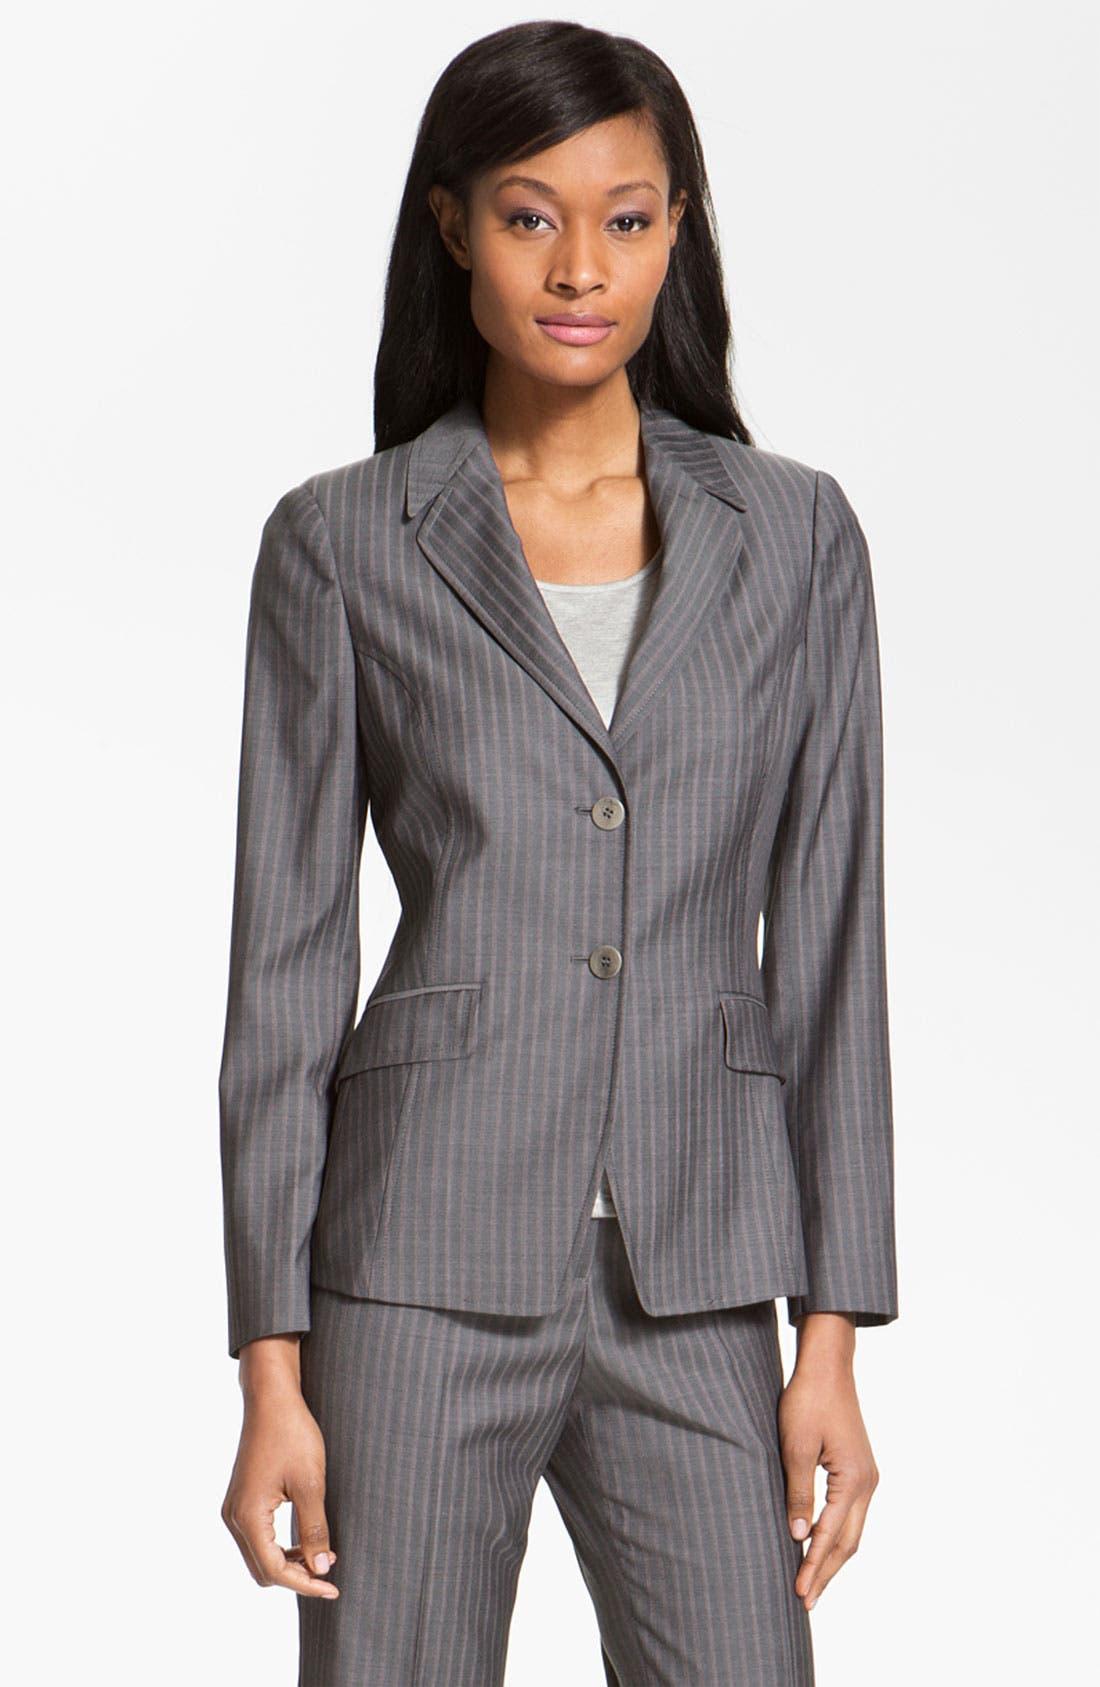 Main Image - Santorelli 'Vicky' Wool Jacket